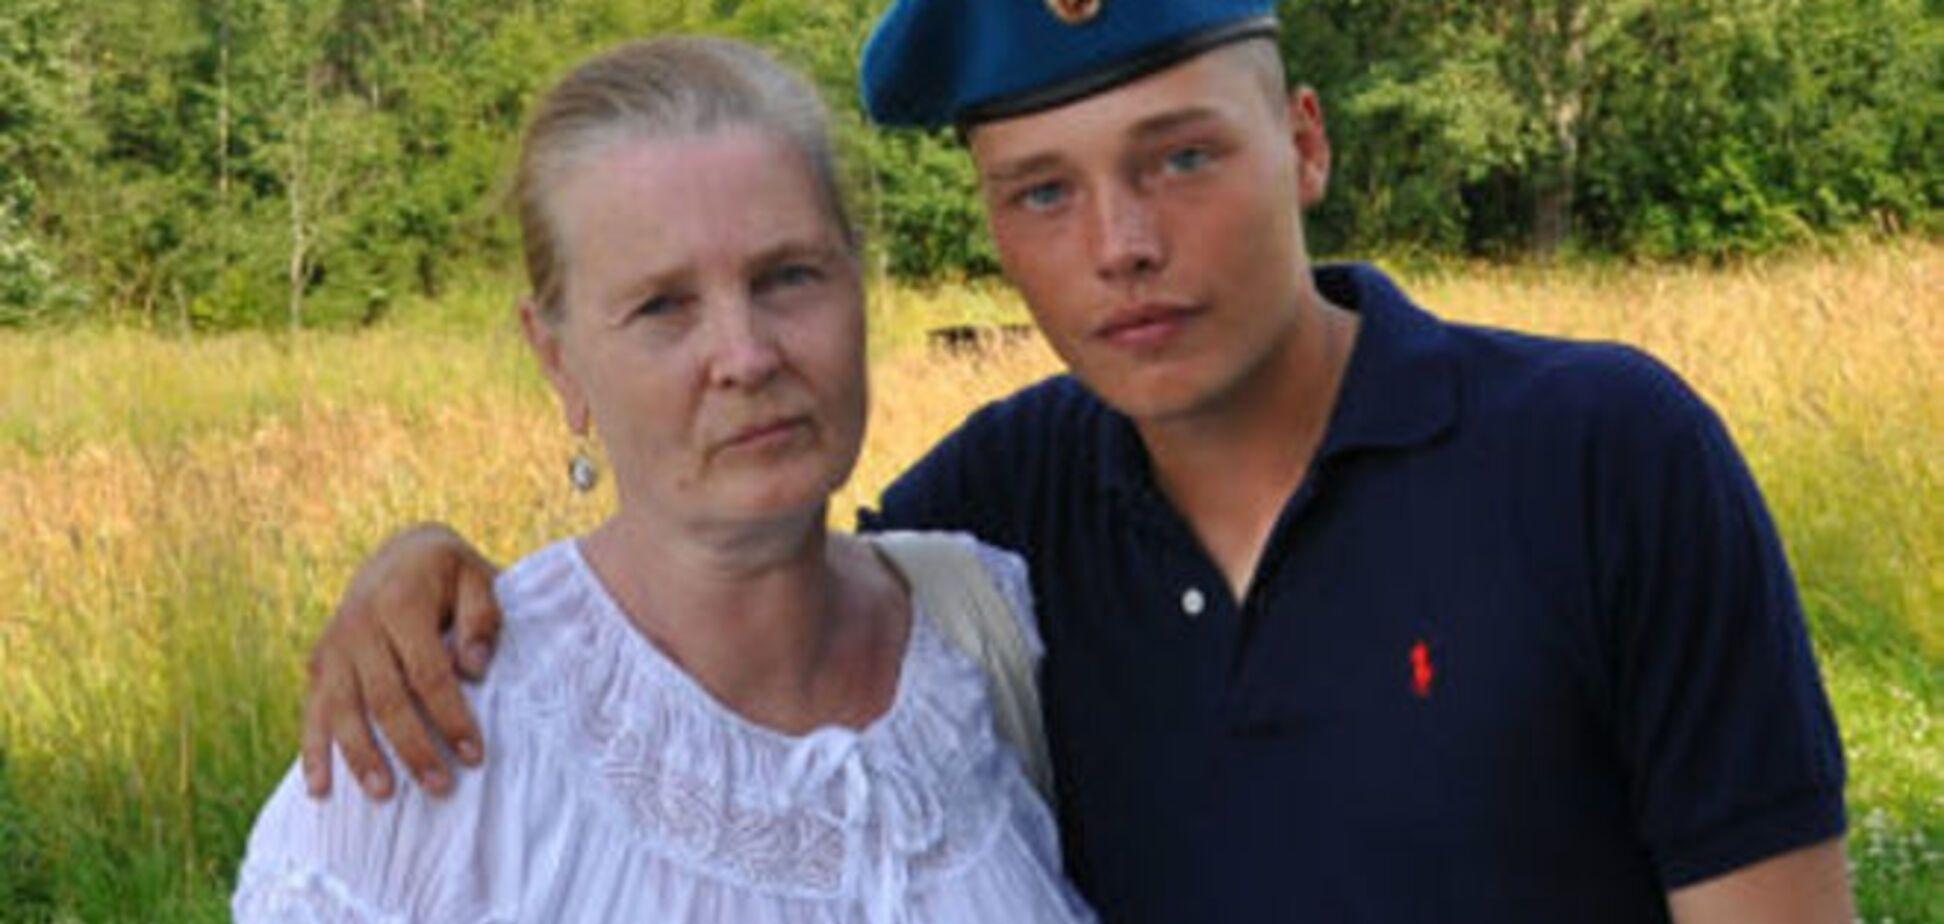 Мать воюющего за 'Новороссию' садиста полностью разделяет его нацистские убеждения: фотодоказательства